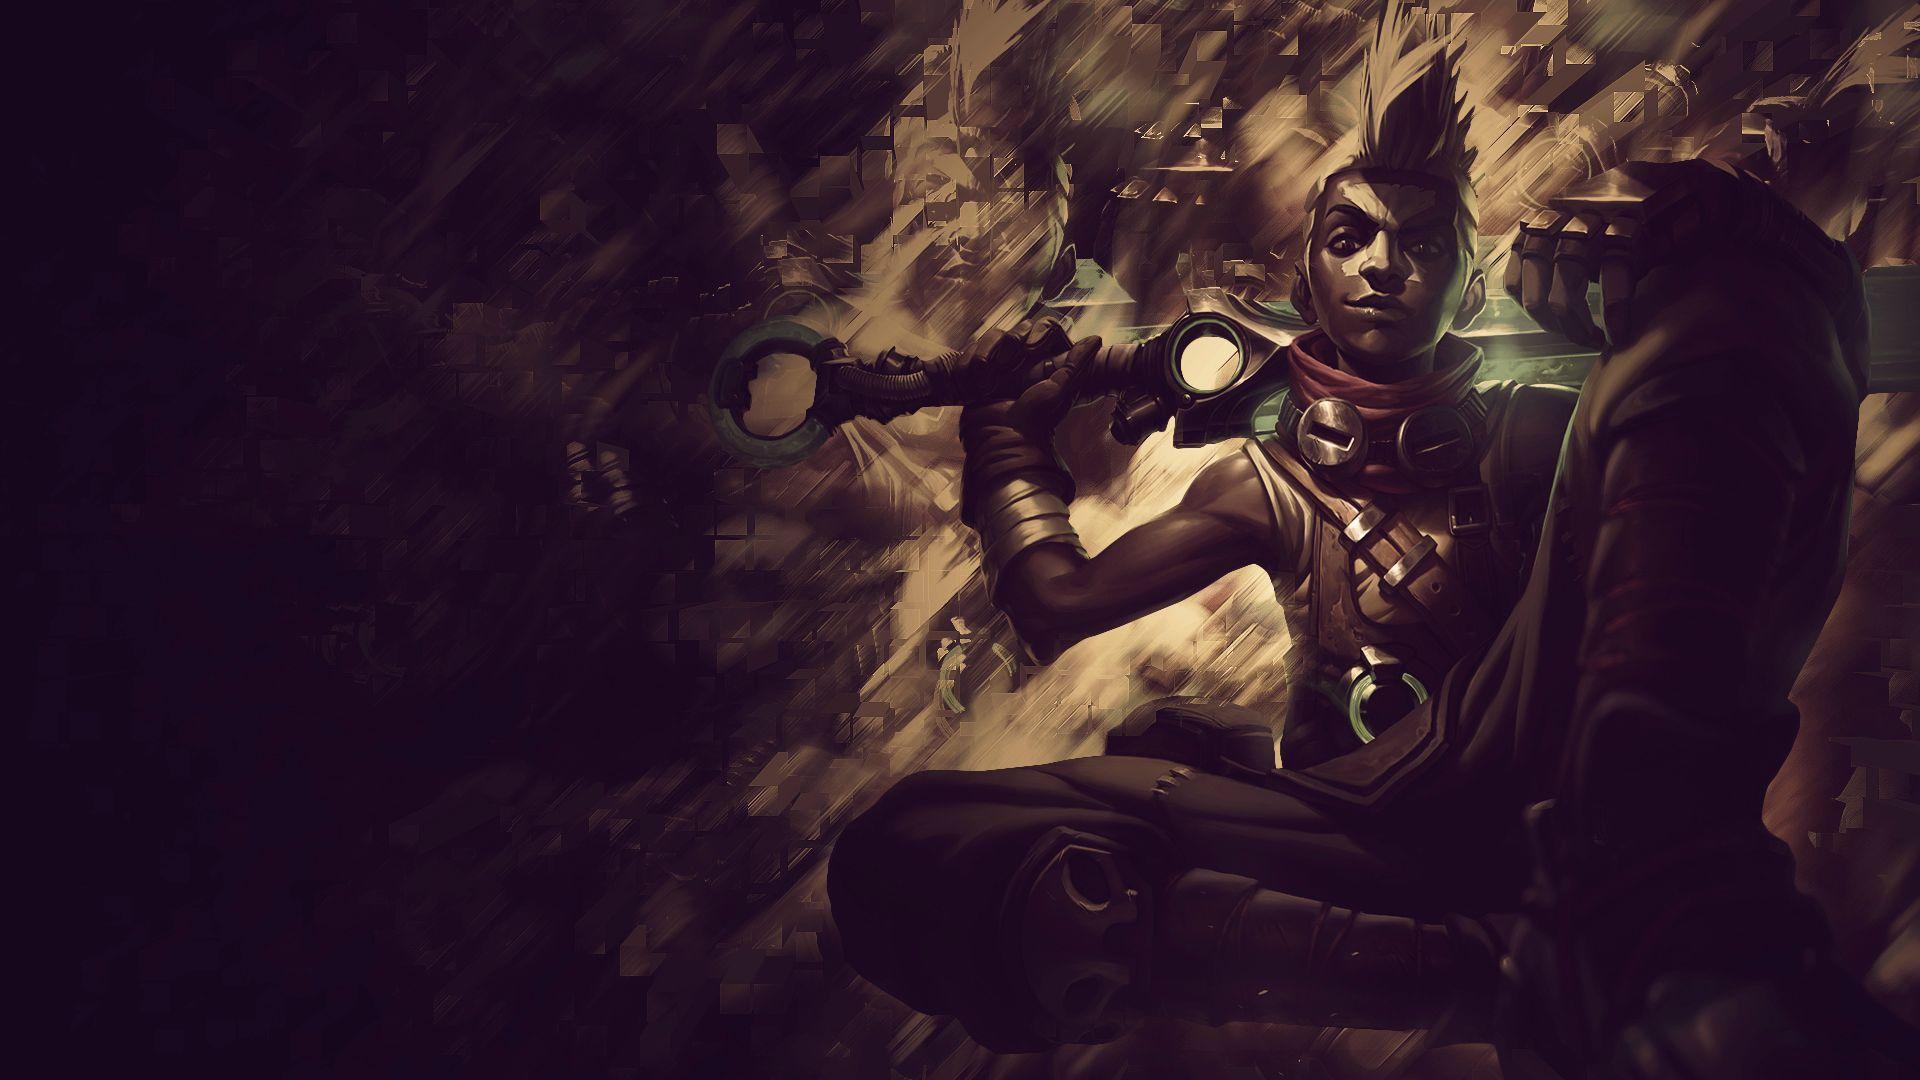 League Of Legends Zed Wallpaper Hd Ekko Fan Art League Of Legends Wallpapers